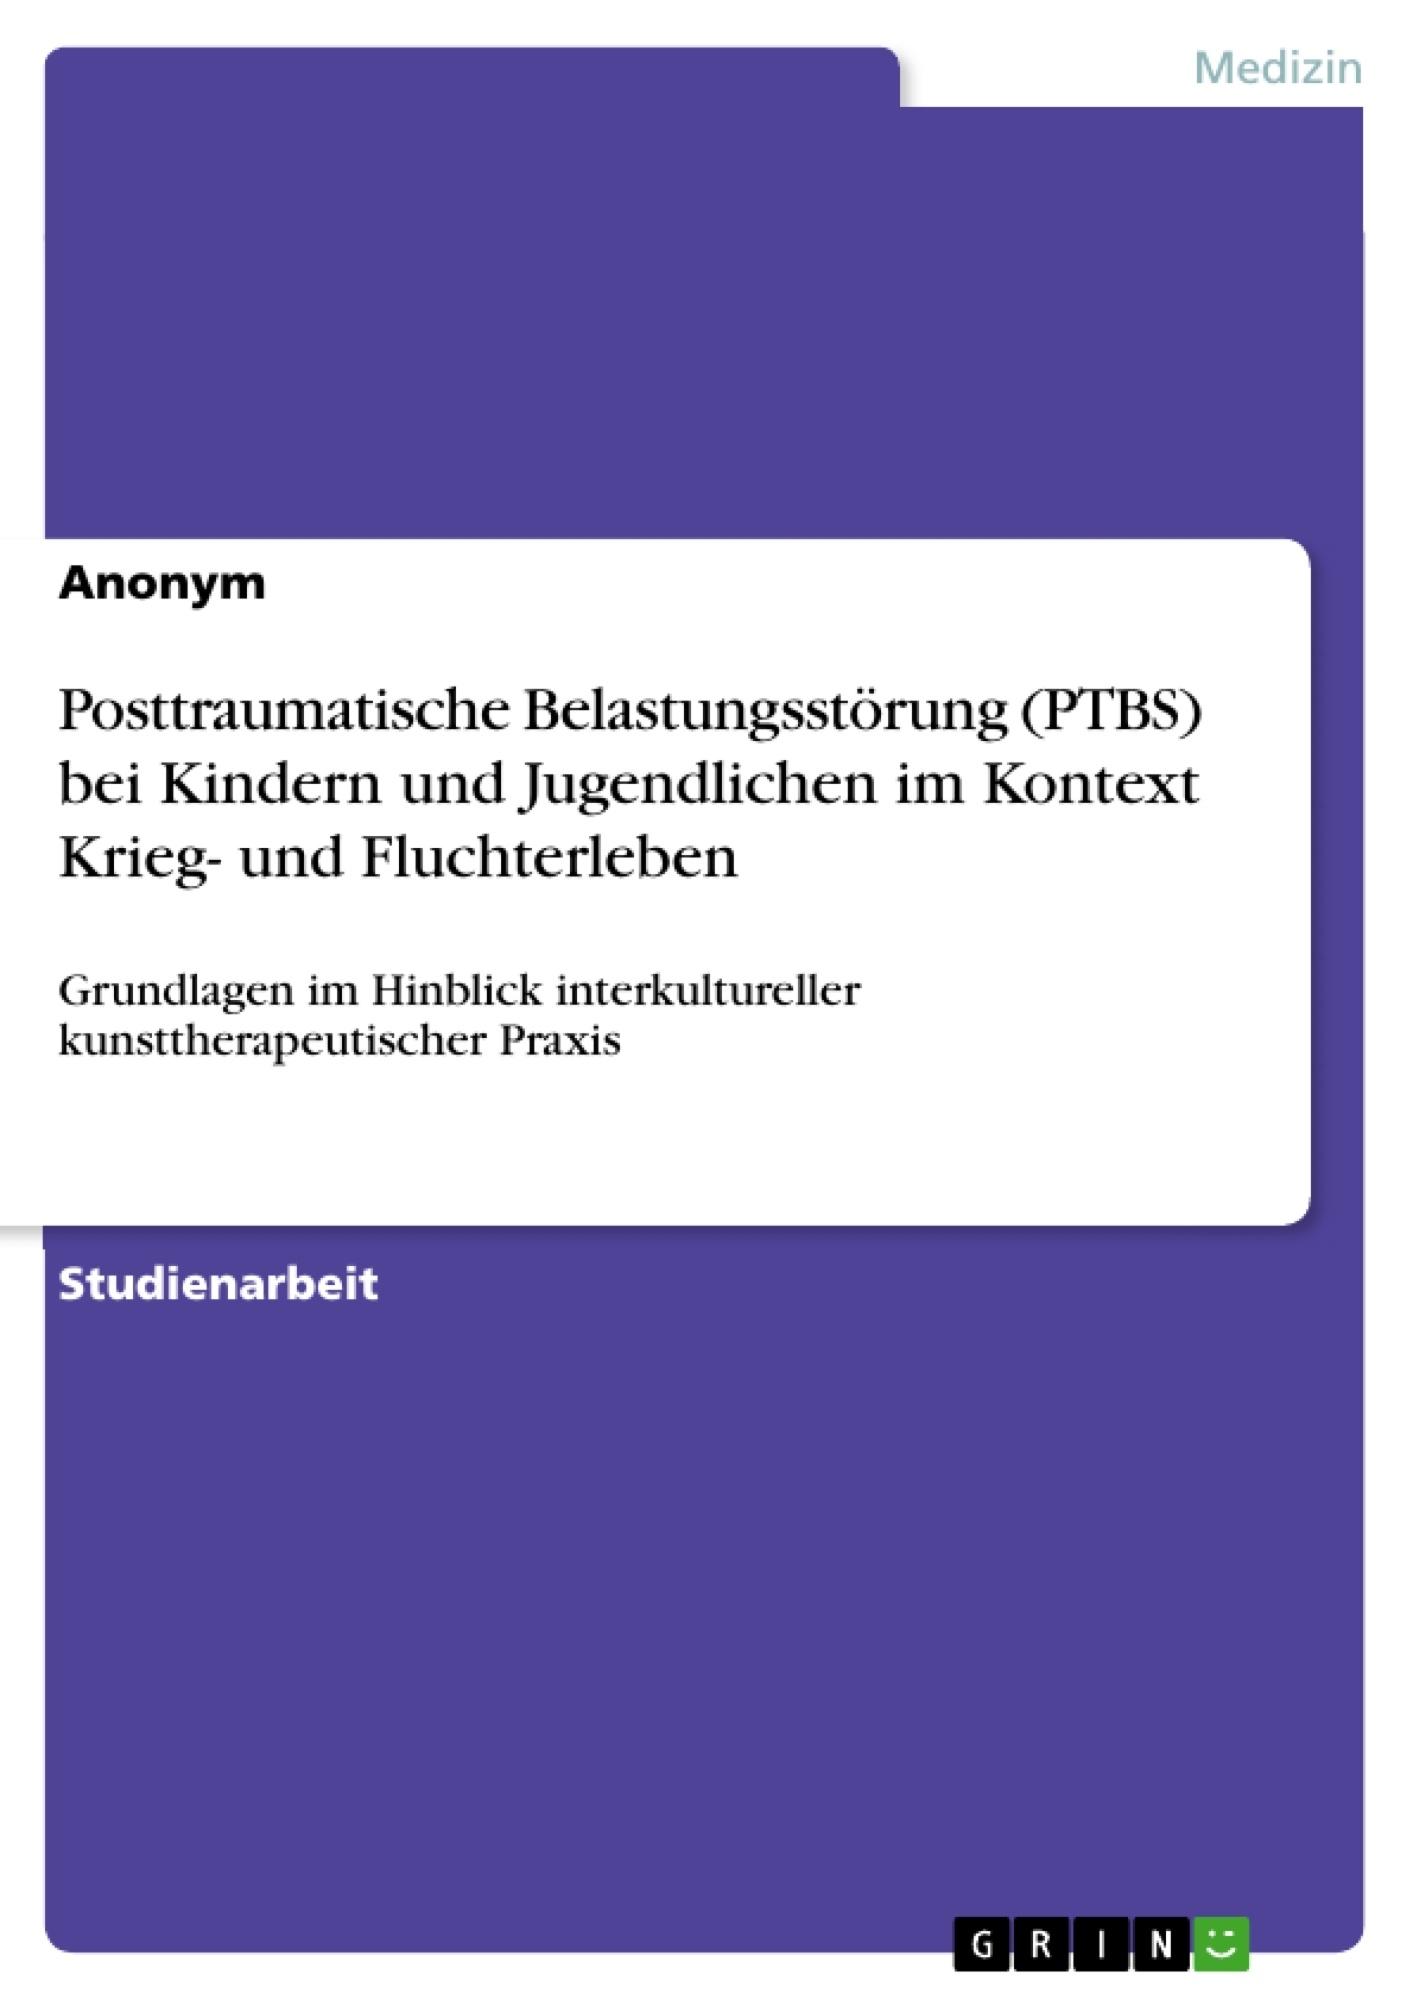 Titel: Posttraumatische Belastungsstörung (PTBS) bei Kindern und Jugendlichen im  Kontext Krieg- und Fluchterleben